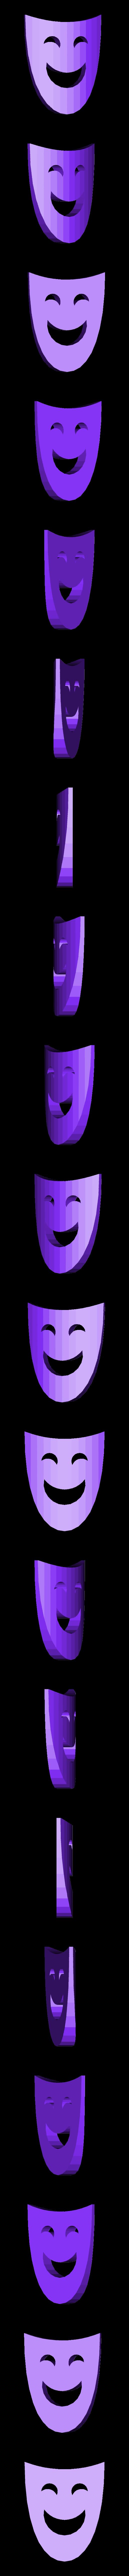 Mask_1.stl Télécharger fichier STL gratuit Porte-clés des masques de théâtre • Modèle pour imprimante 3D, Nesh